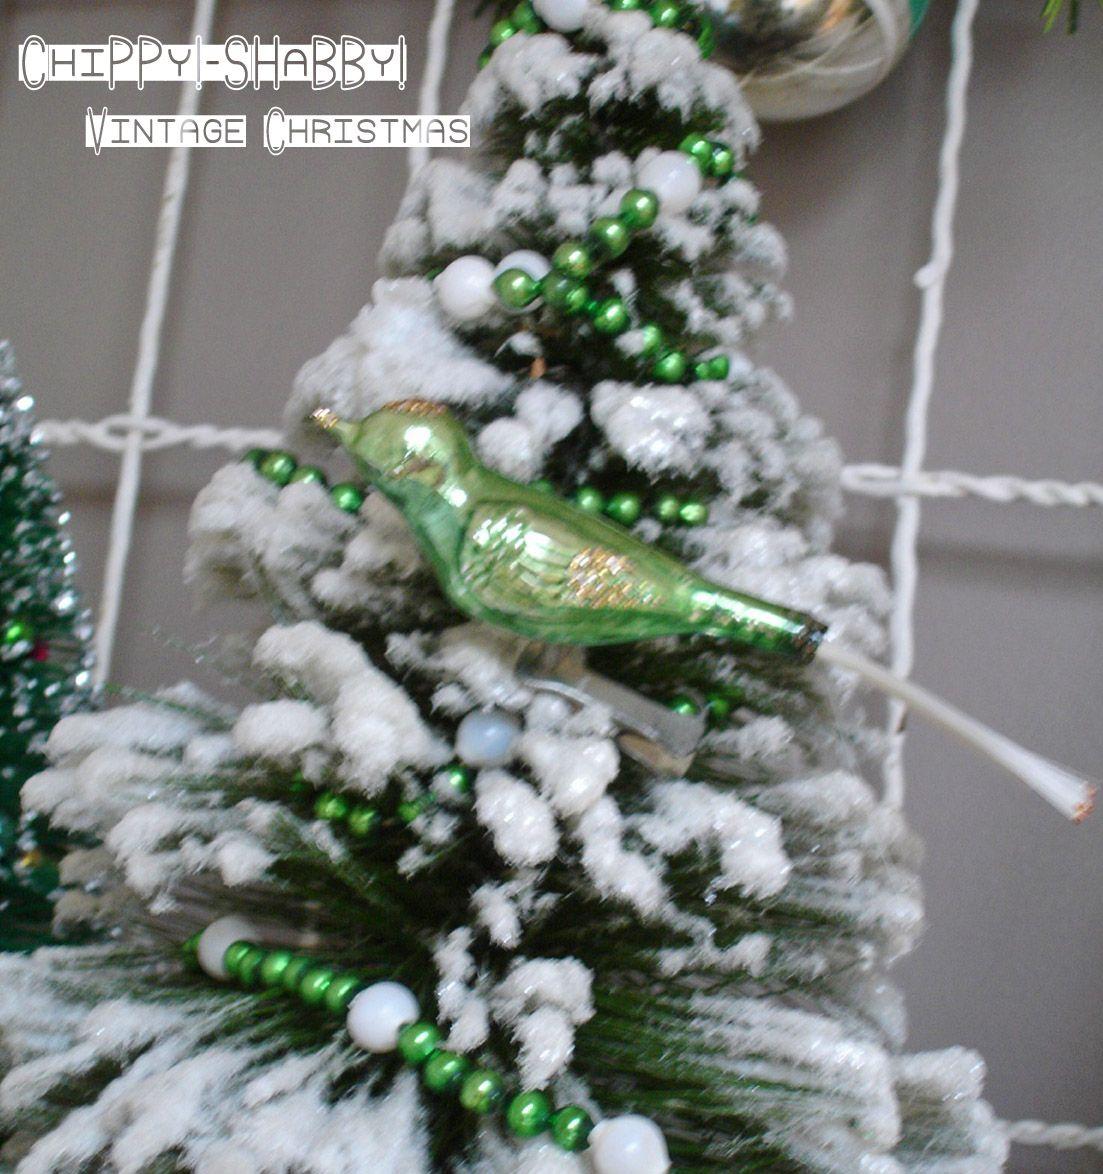 """ChiPPy! - SHaBBy!: SHaBBy """"ViNtaGe Christmas"""" BiRds!*!*!"""